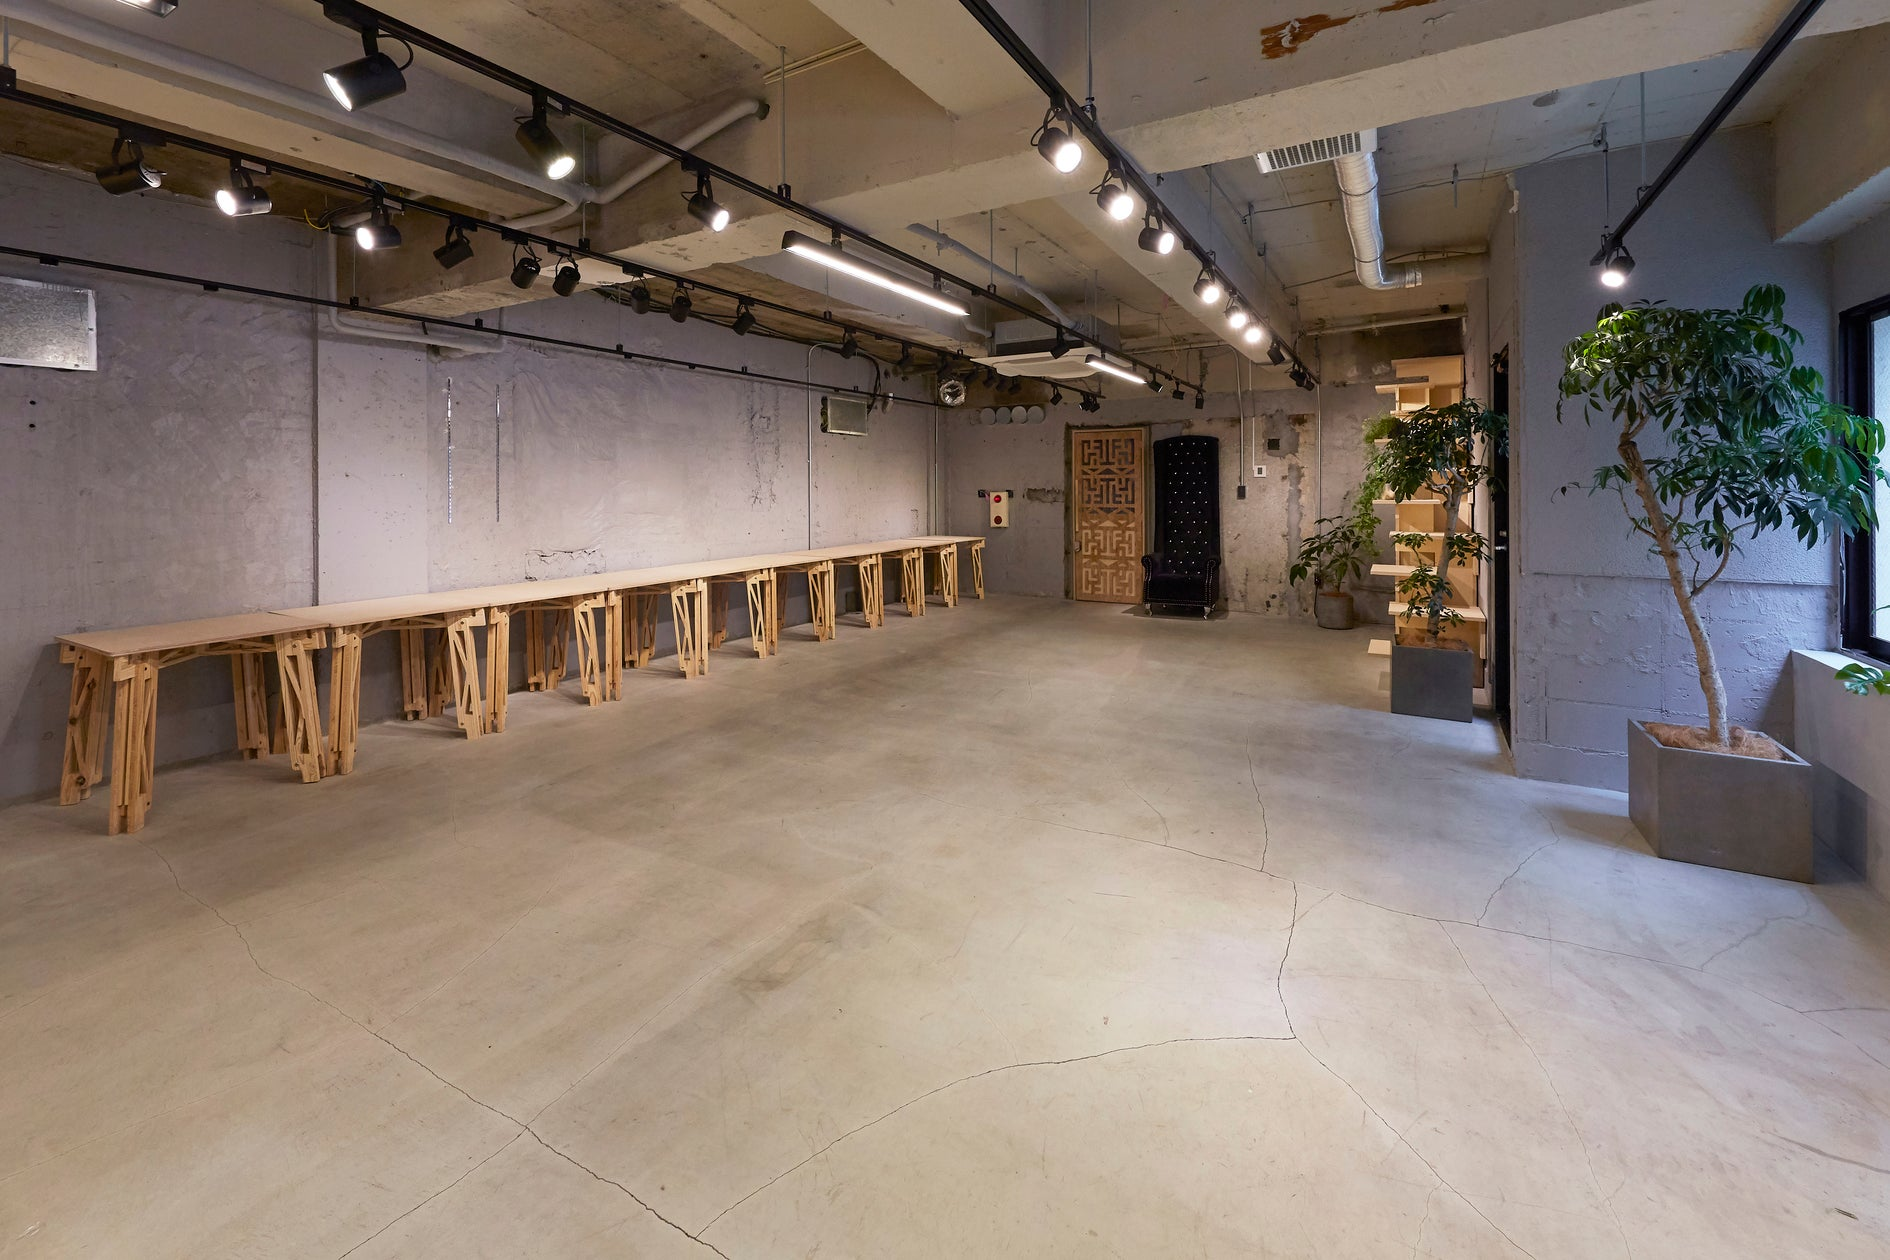 oSpace 表参道駅から徒歩3分!デザイナー監修のスペース!会議、経営合宿、POPUP、パーティーなどにもご利用いただけます! のサムネイル